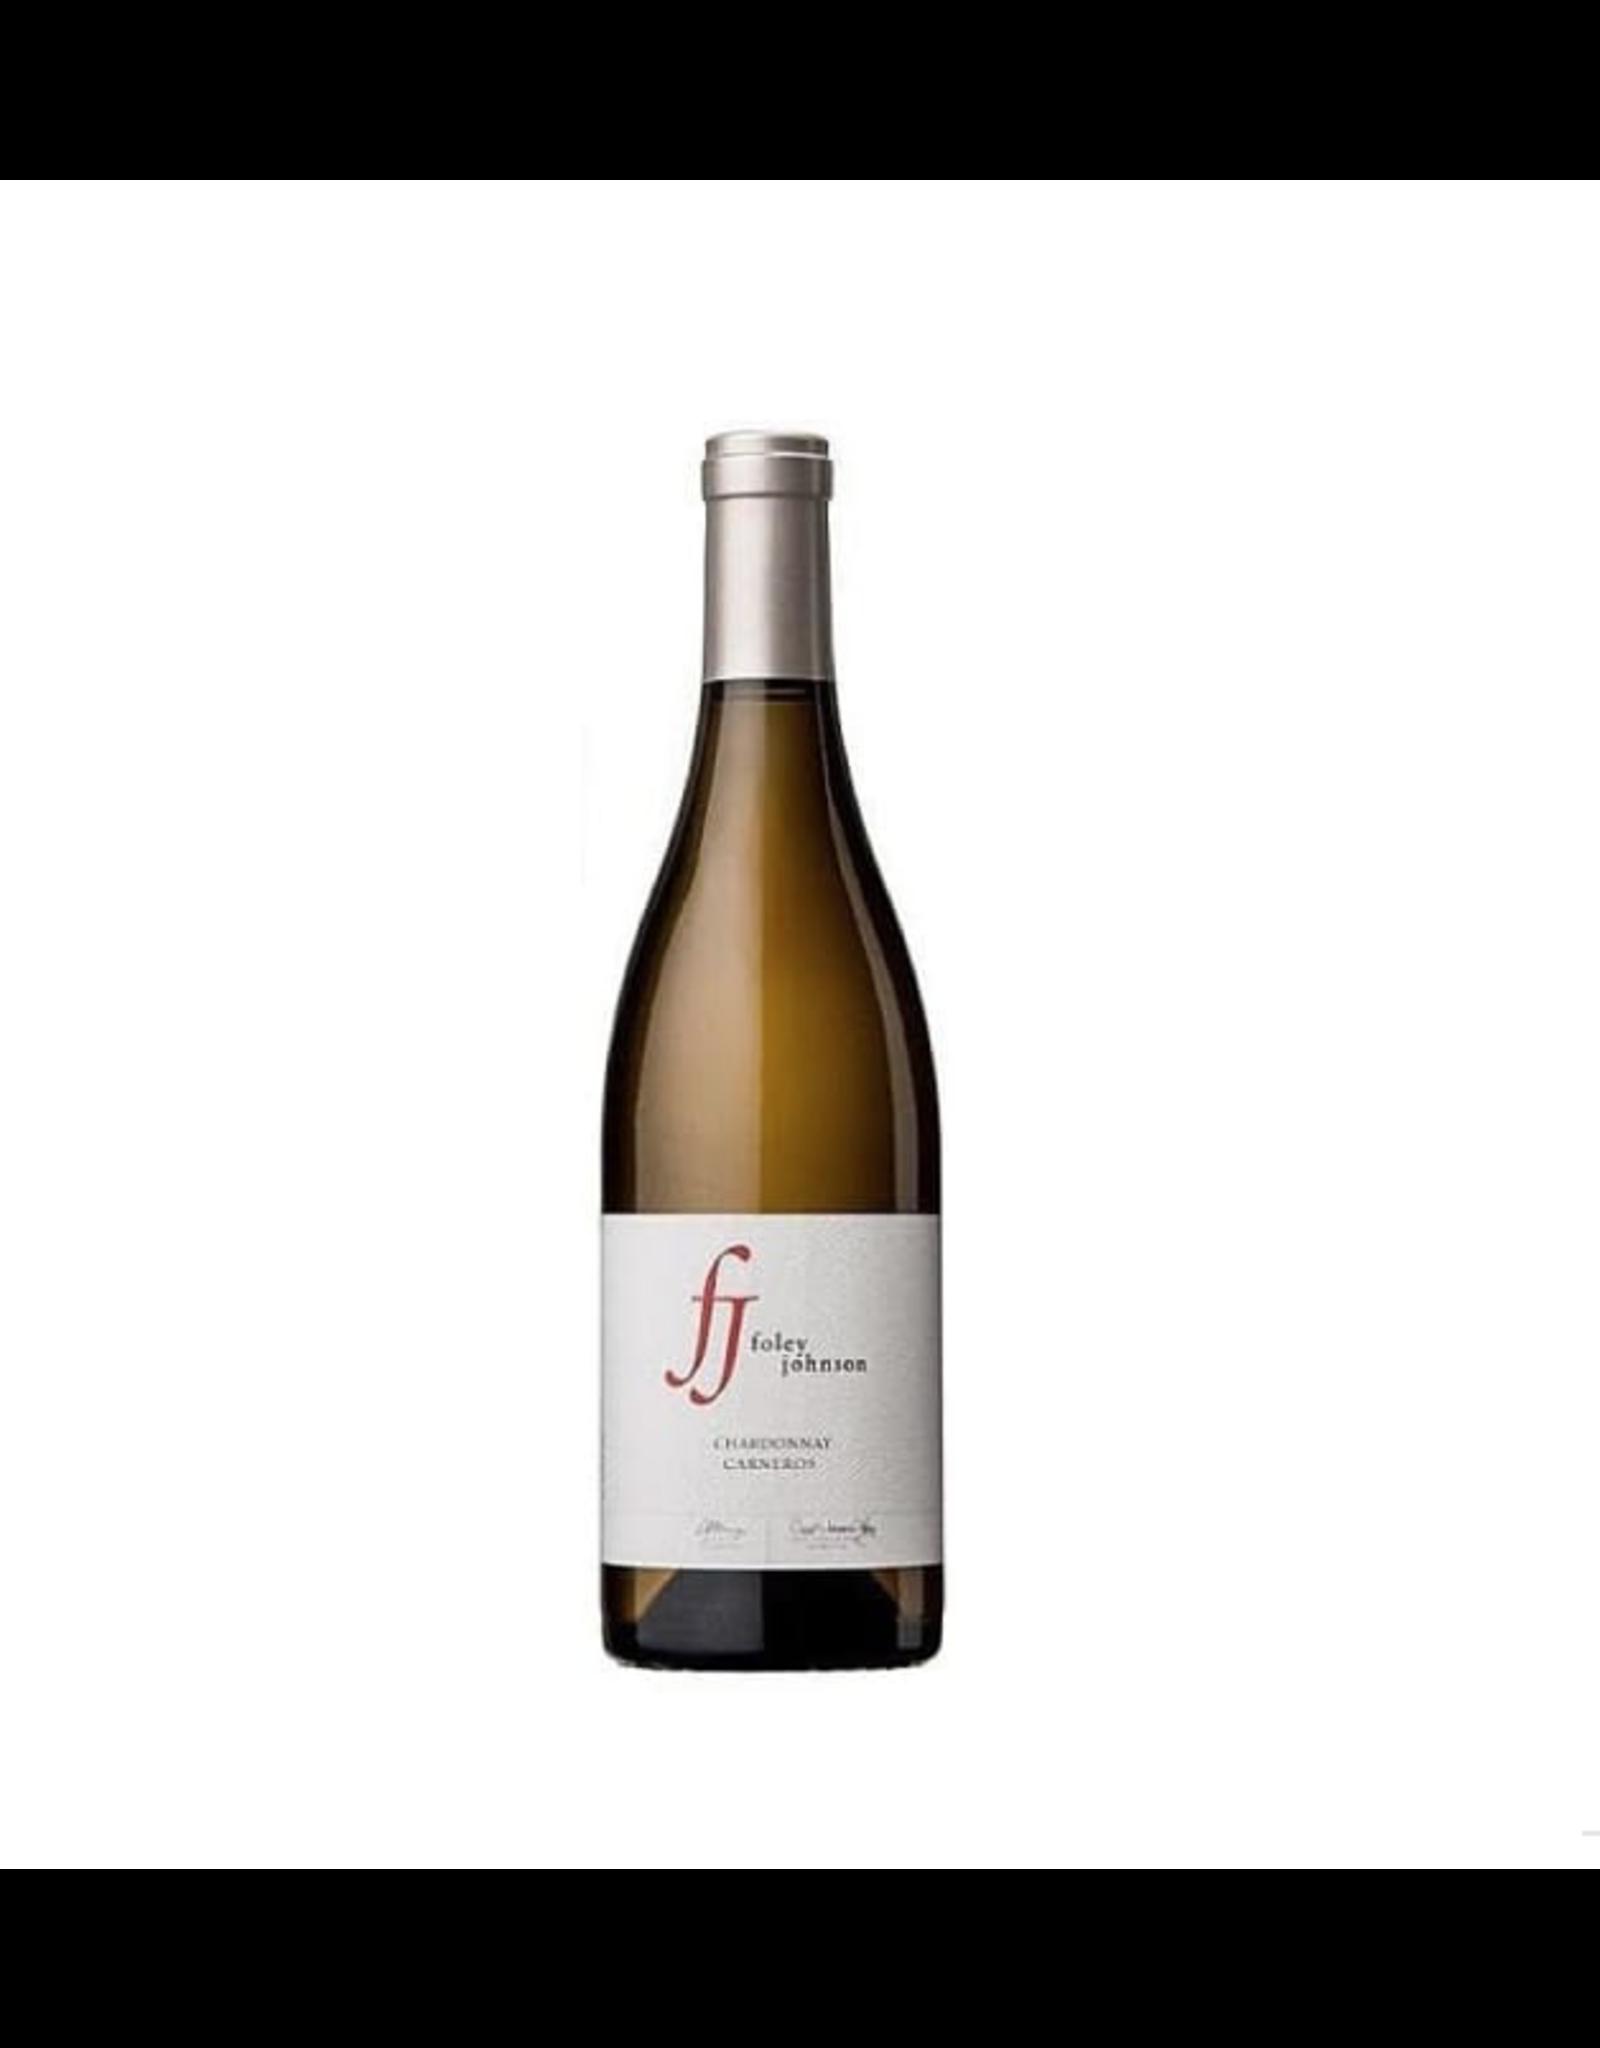 Foley-Johnson Chardonnay Carneros 2018